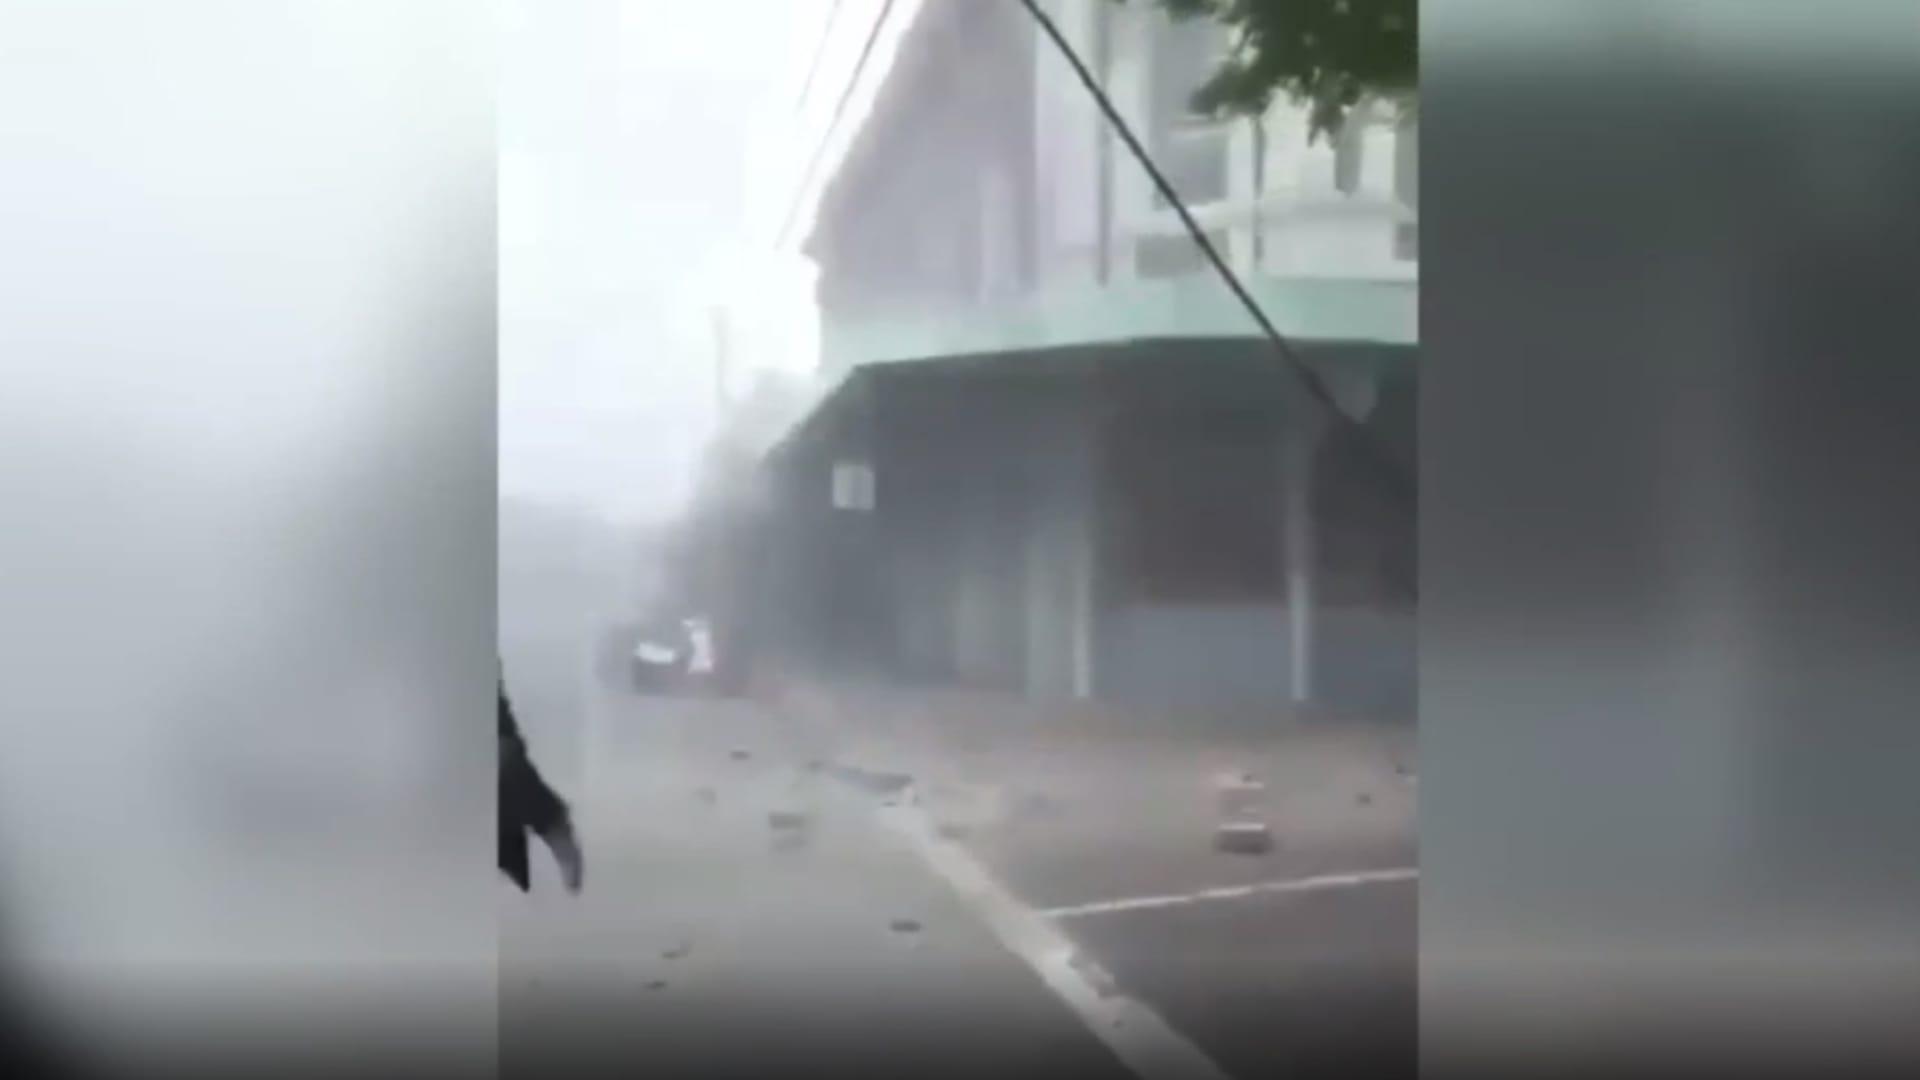 شاهد لحظة وقوع زلزال عنيف في جنوب شرق أستراليا